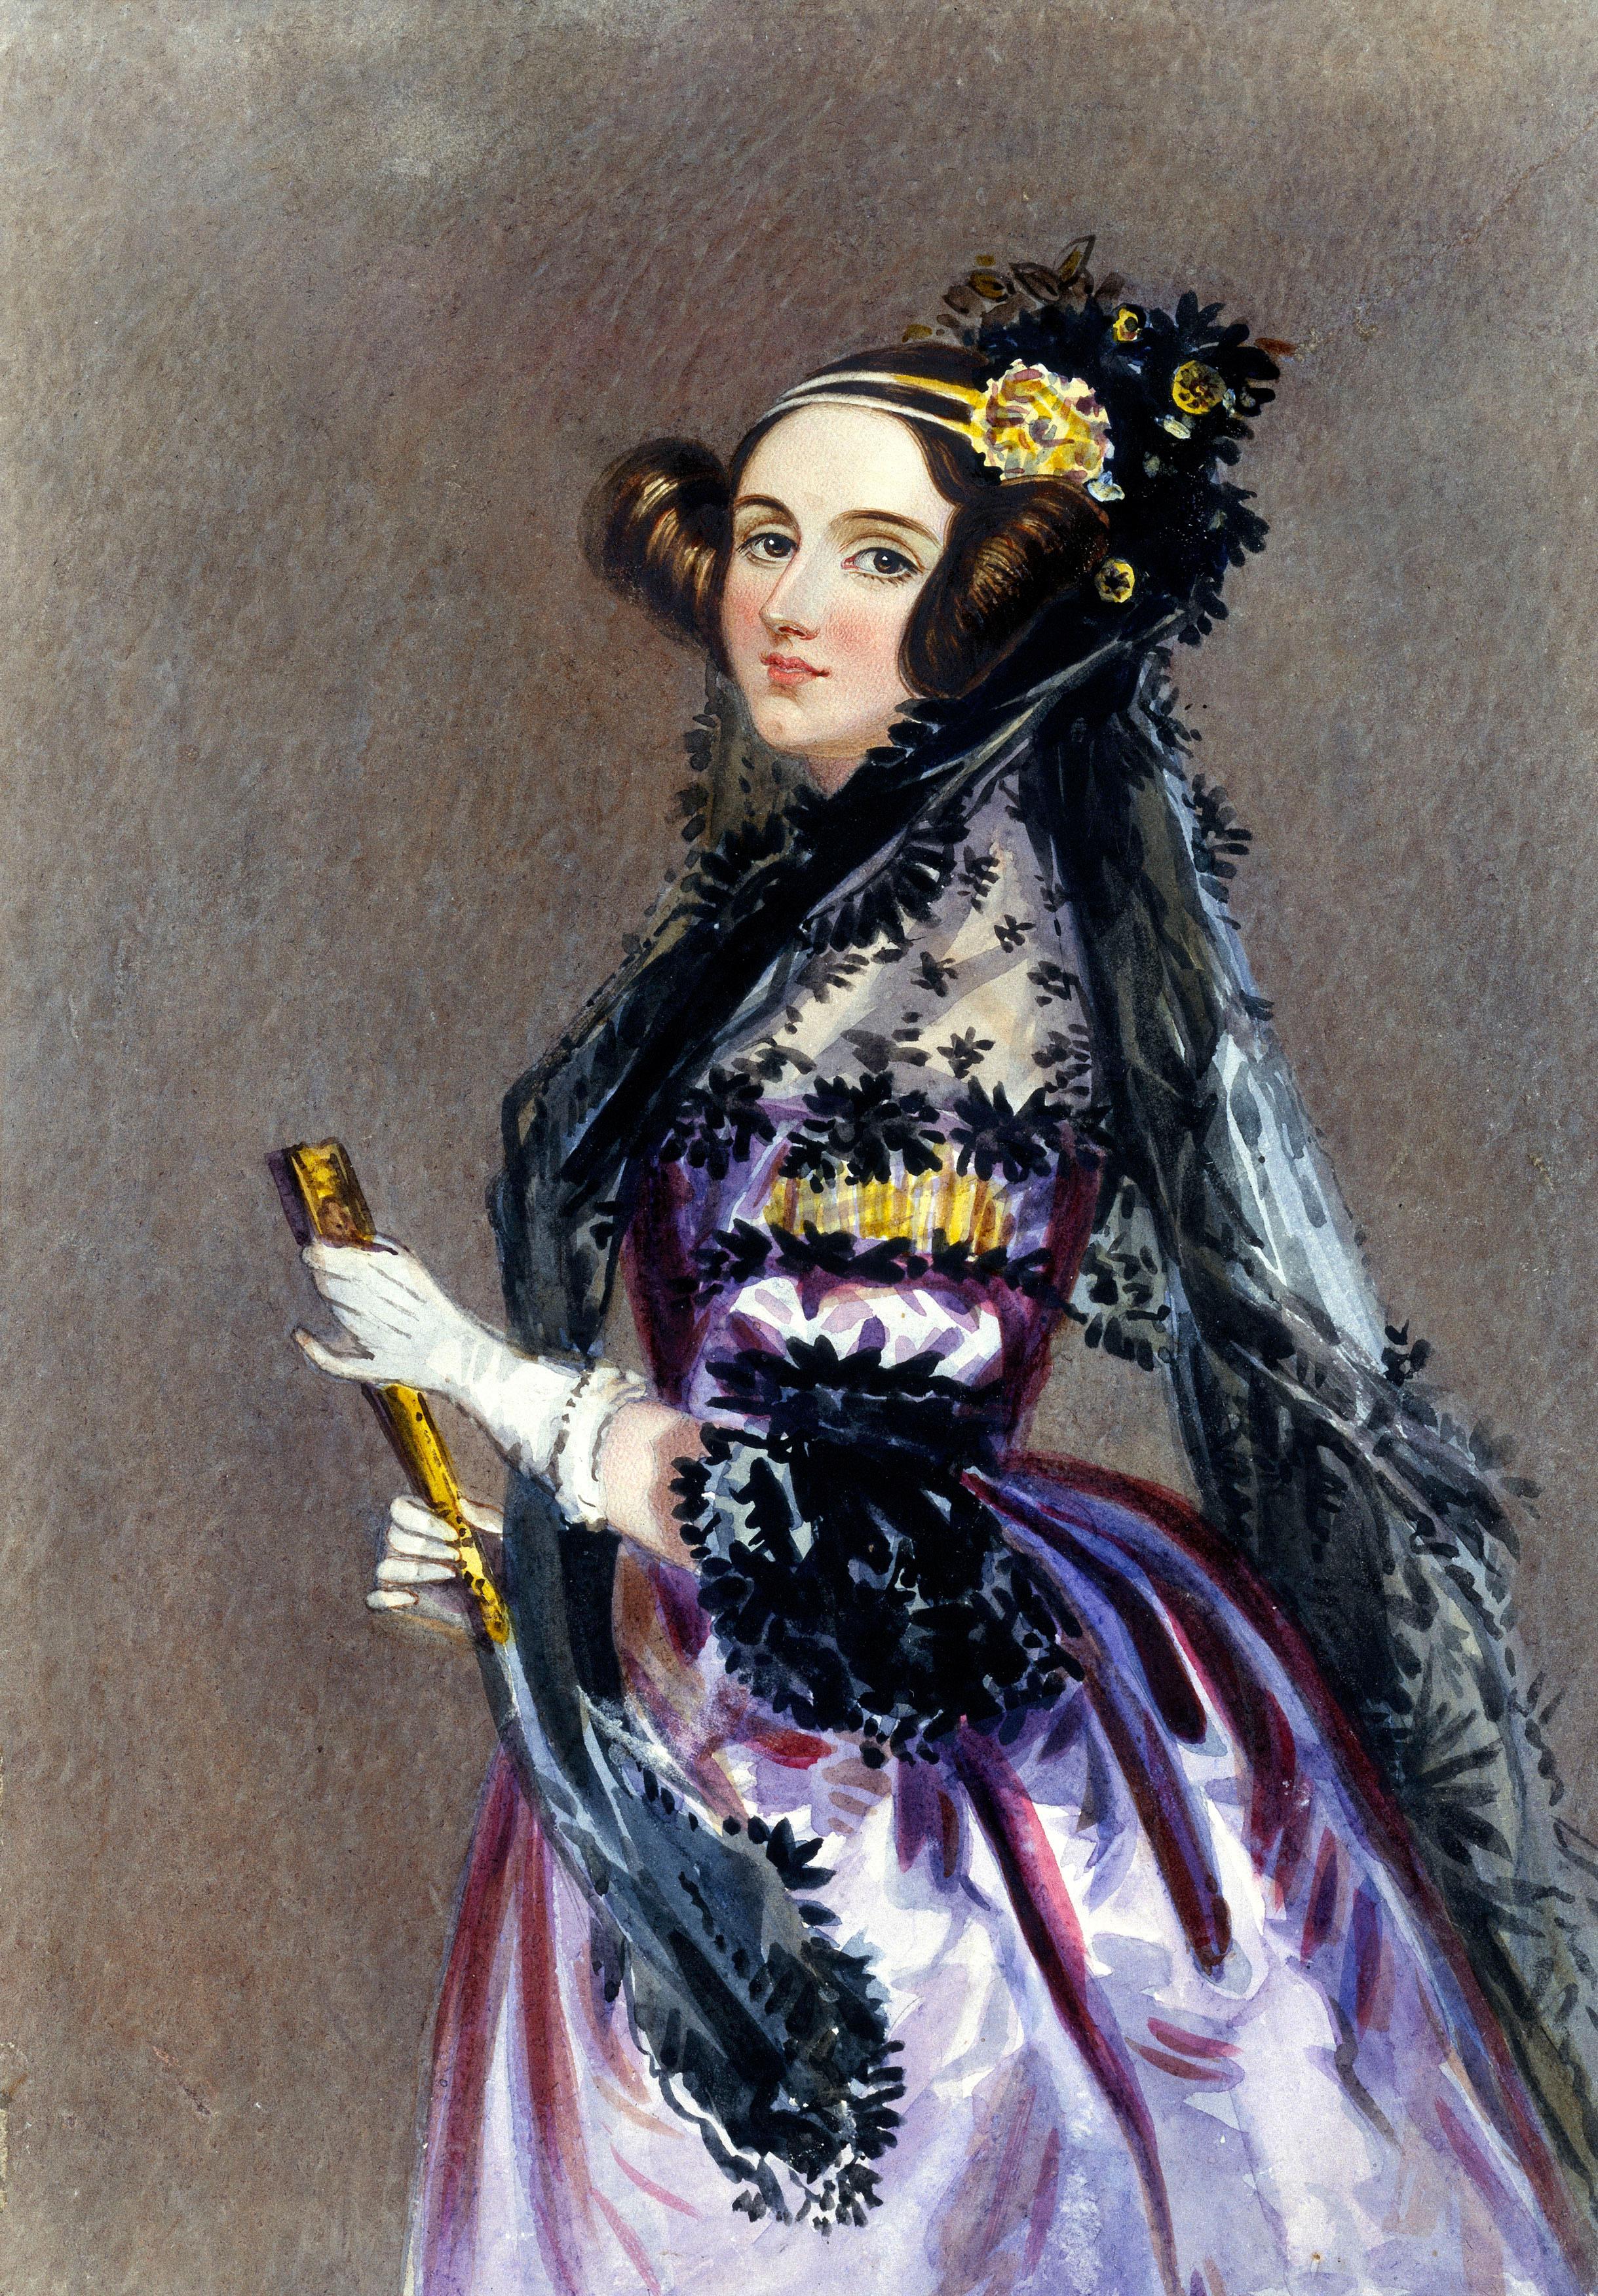 Ada_Lovelace_portrait.jpg